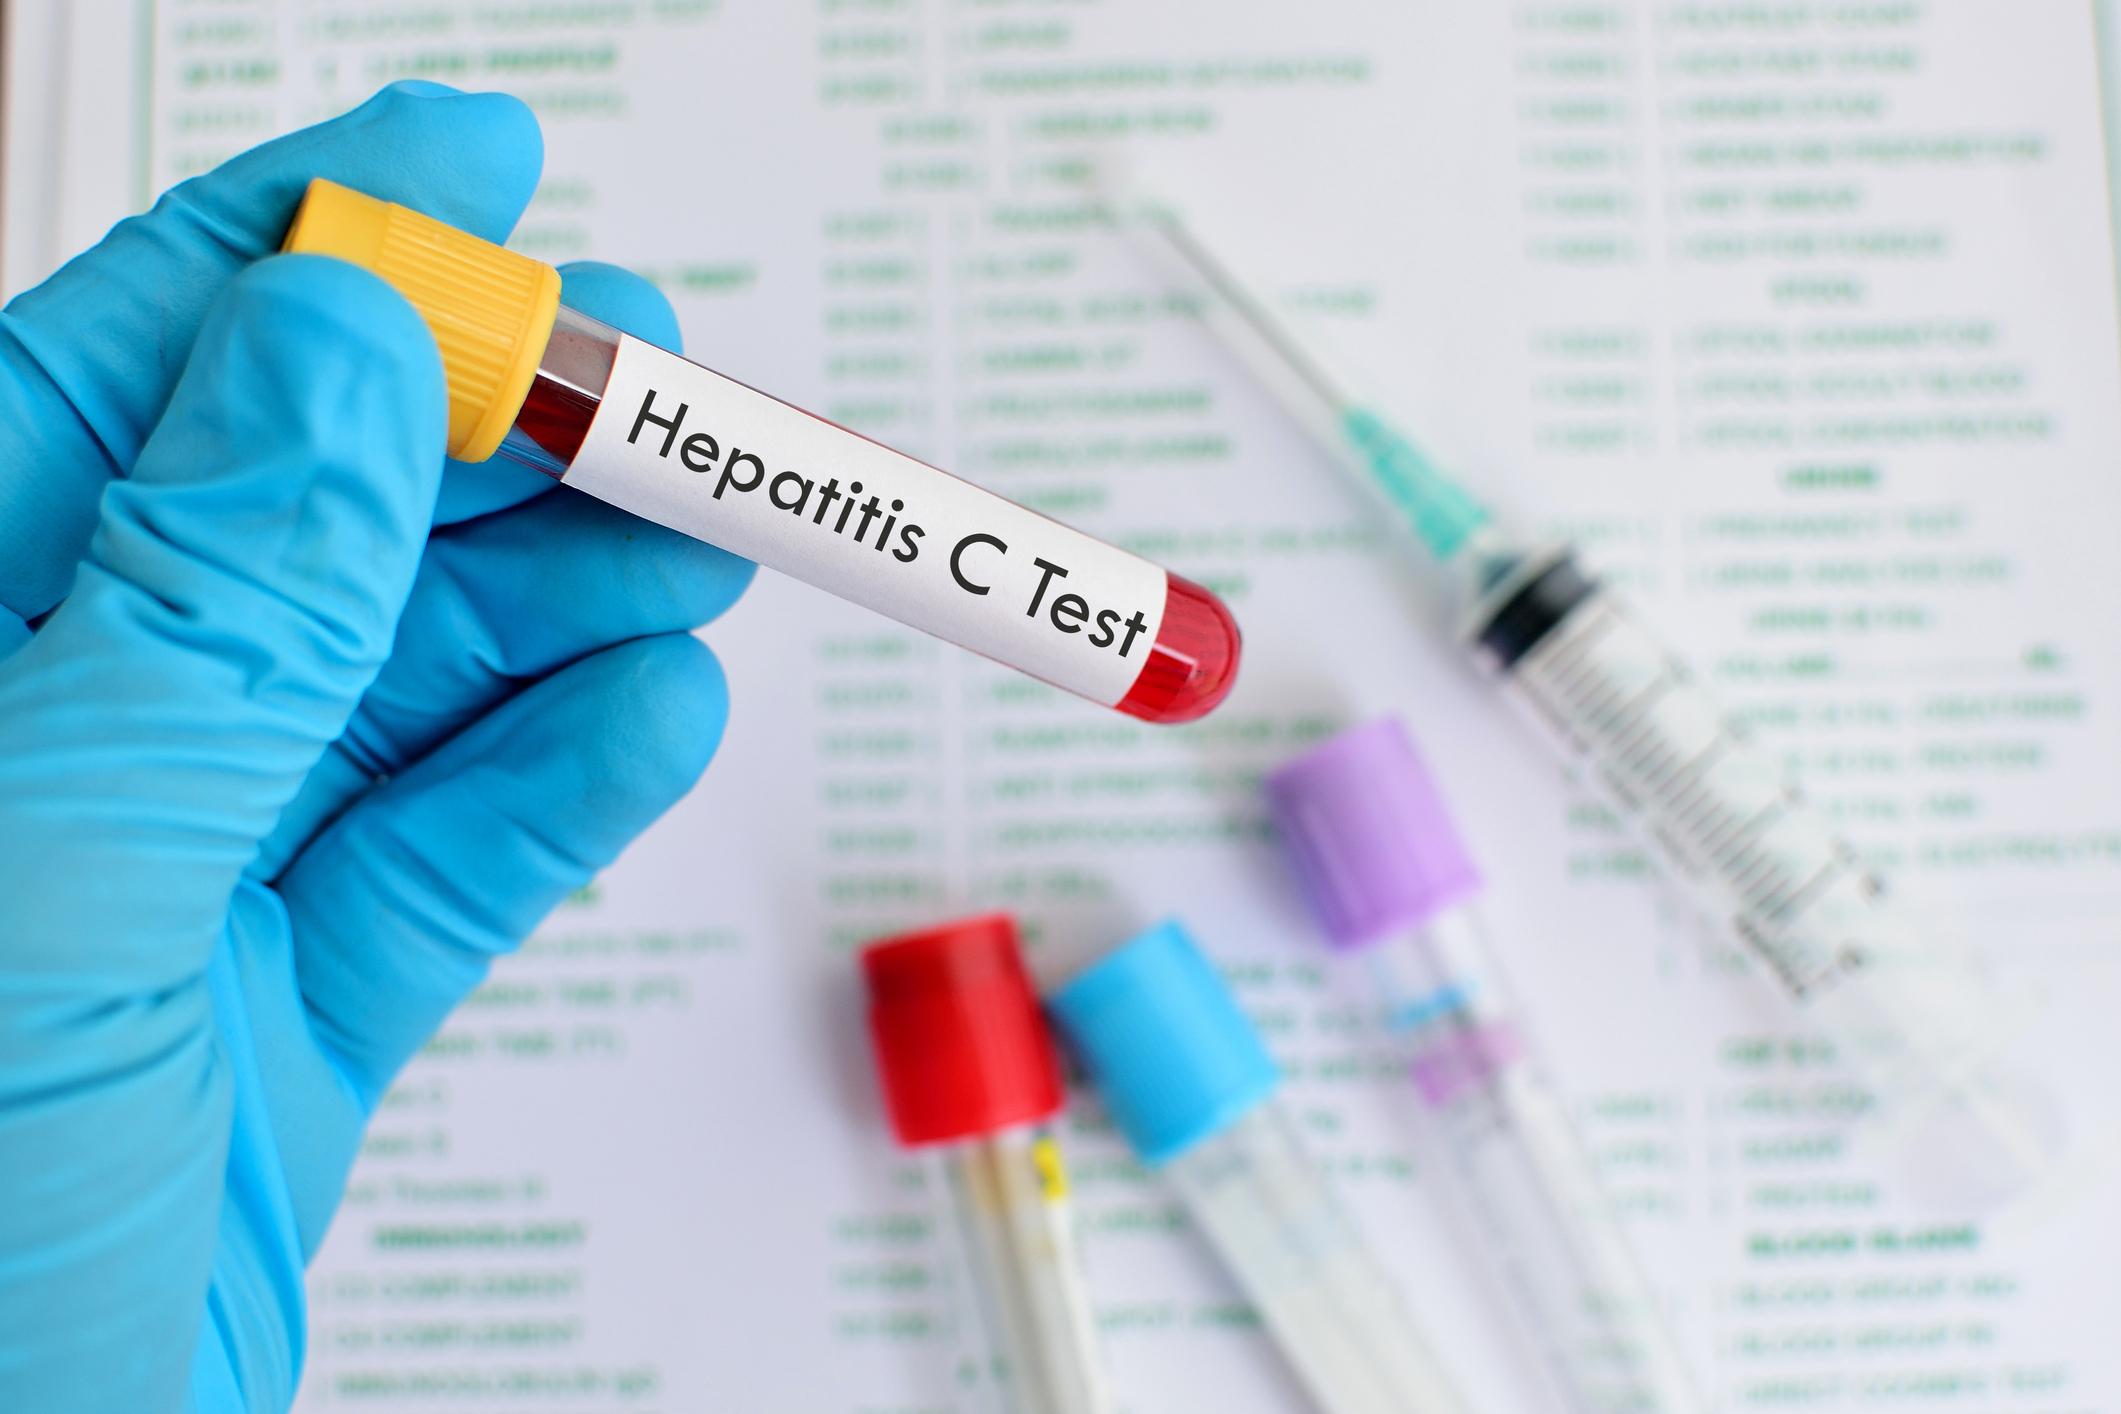 درمان ۱۰ درصد از مبتلایان به هپاتیت سی در مشهد